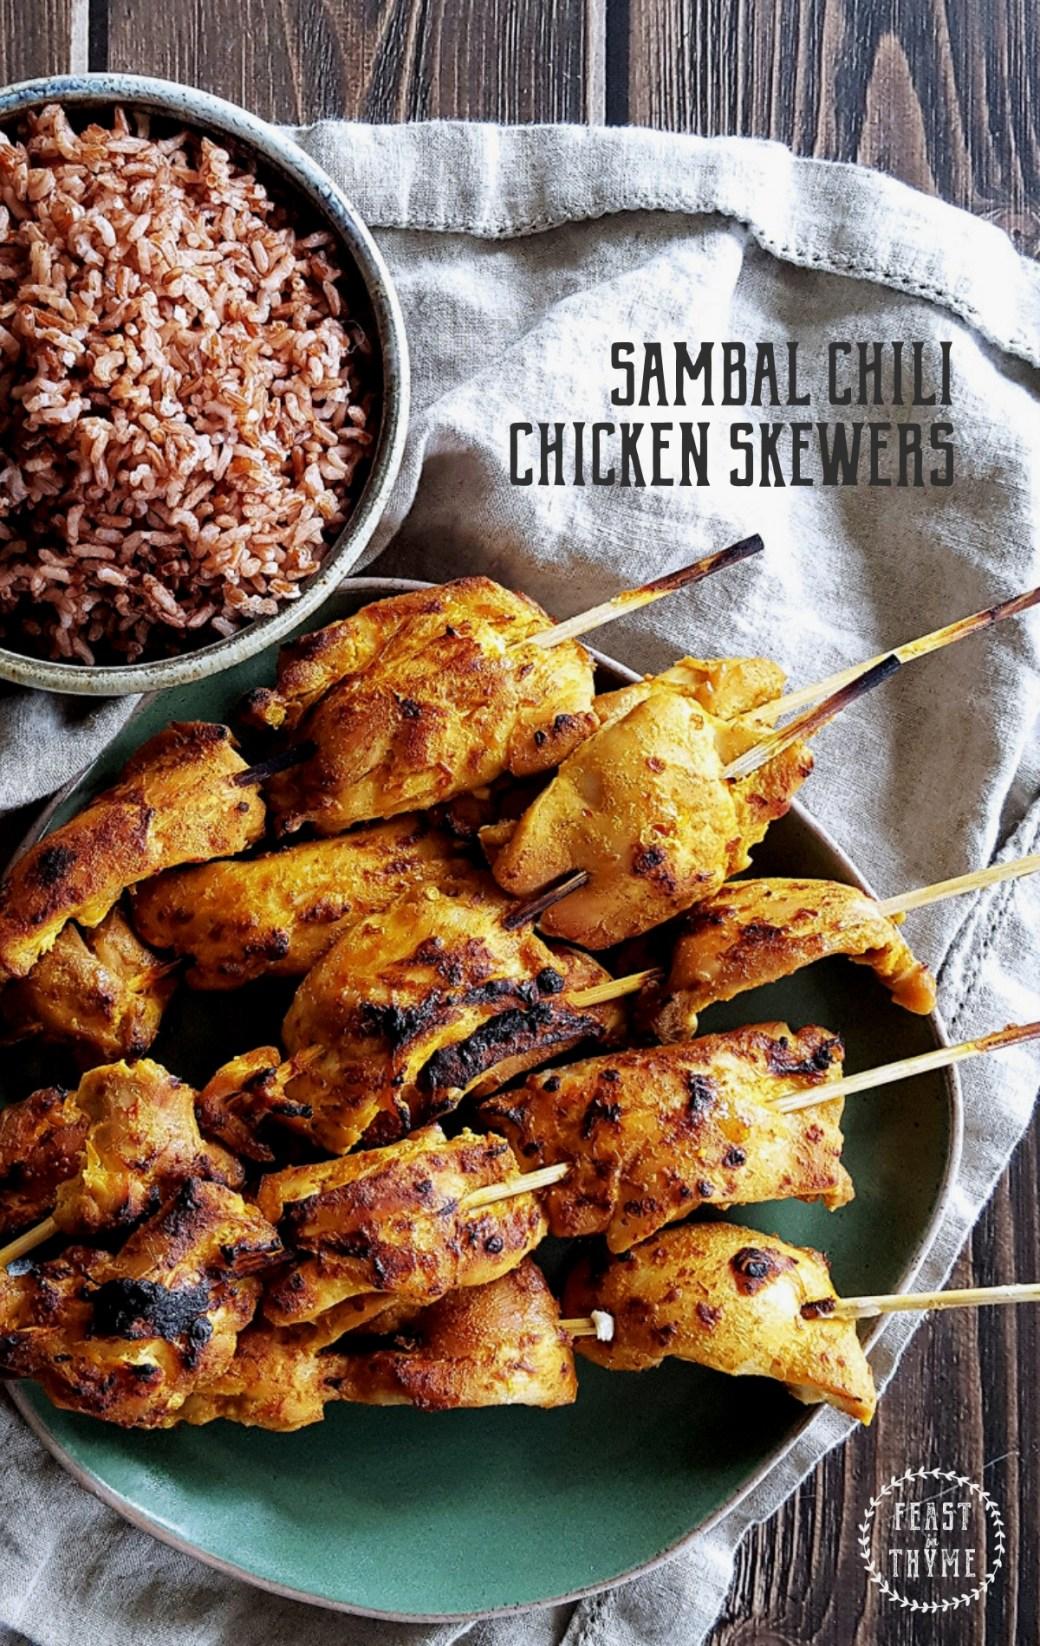 Sambal Chili Chicken Skewers